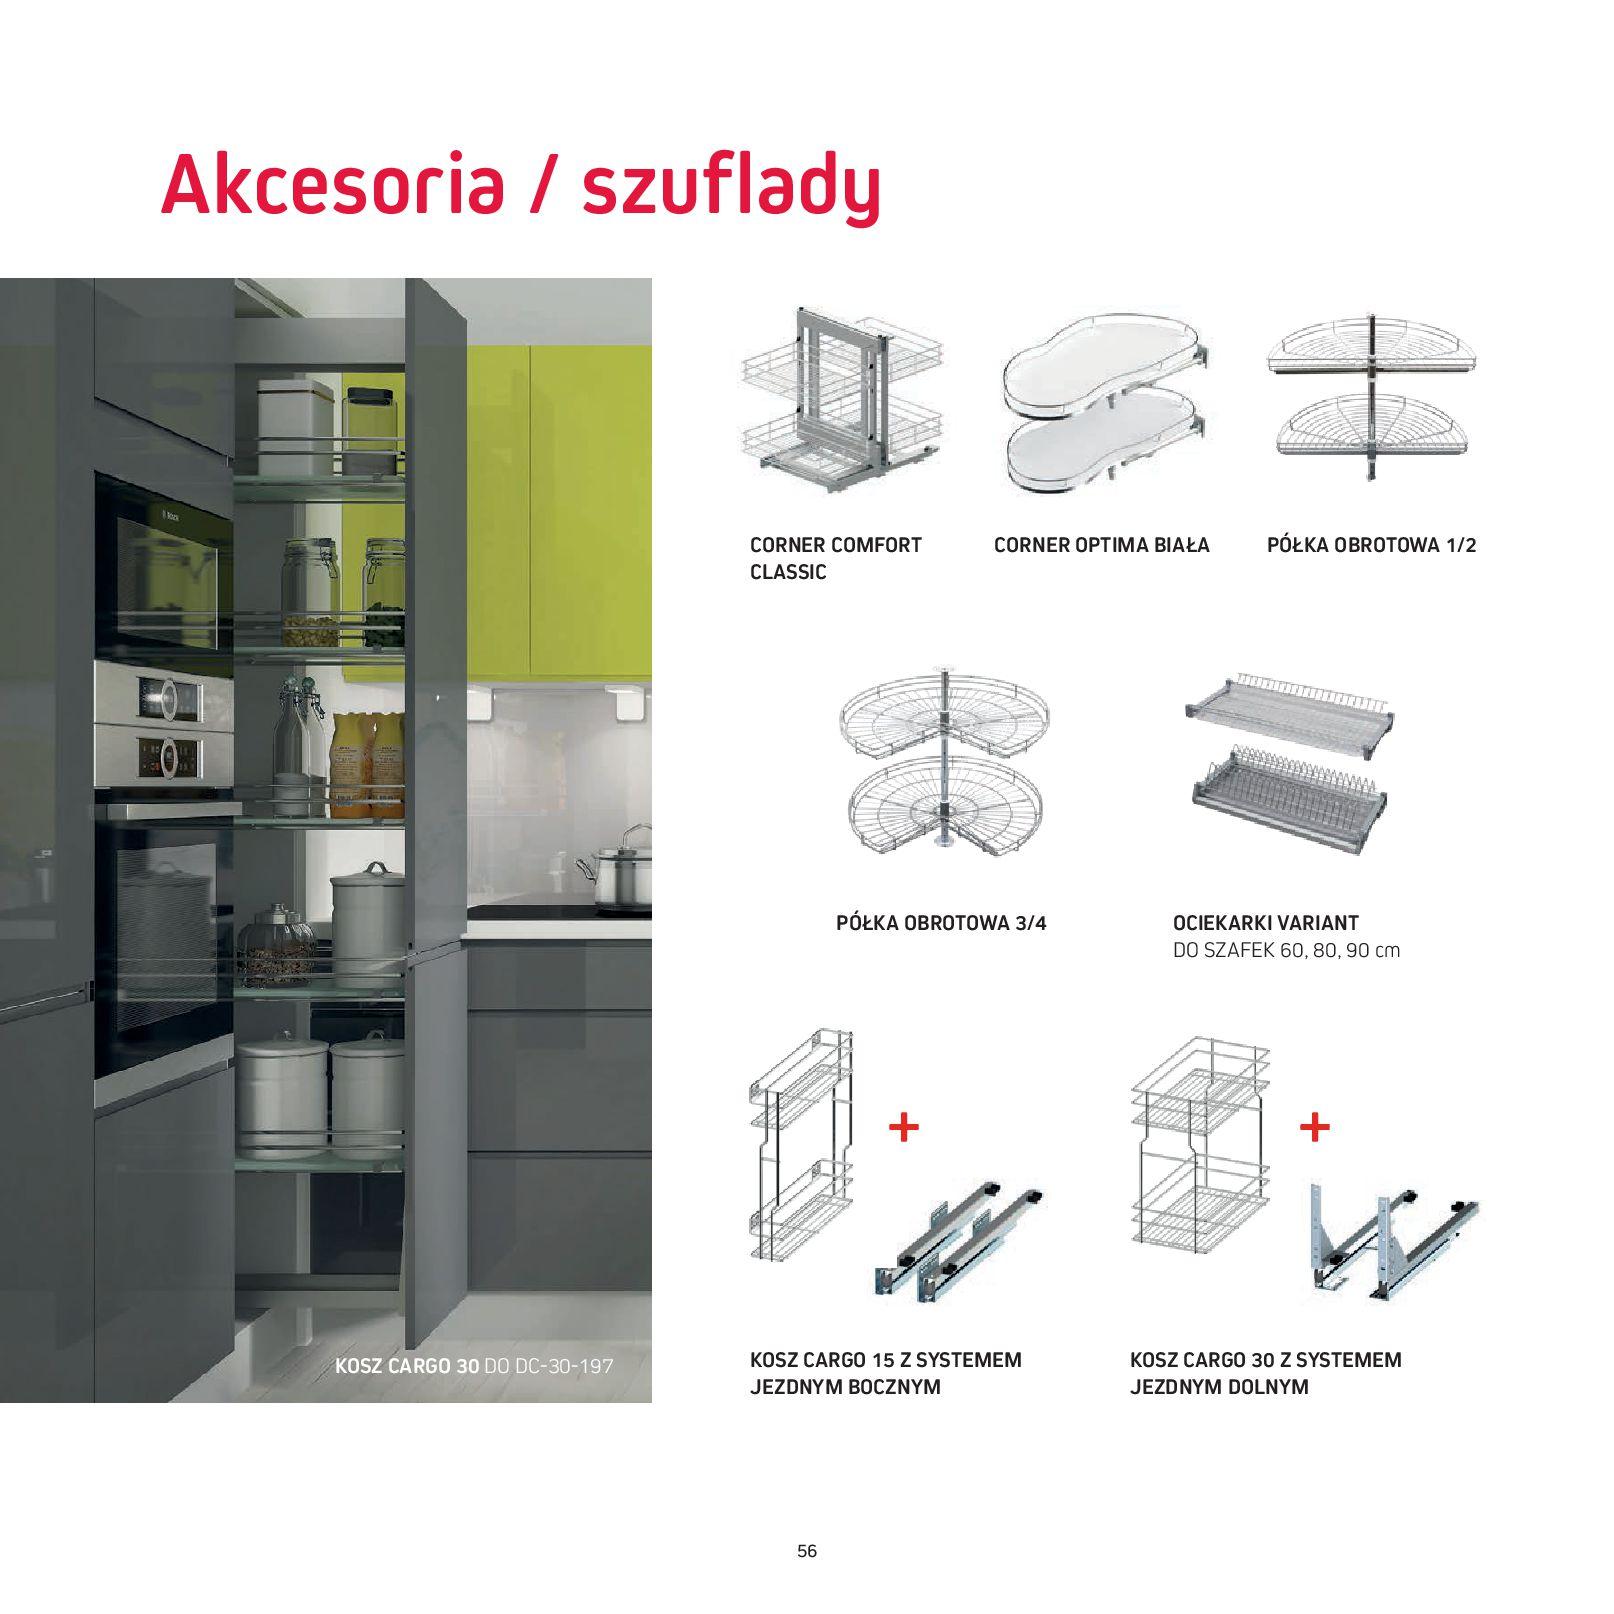 Gazetka Komfort: Gazetka Komfort - Katalog Kuchnie 2021 2021-06-16 page-58